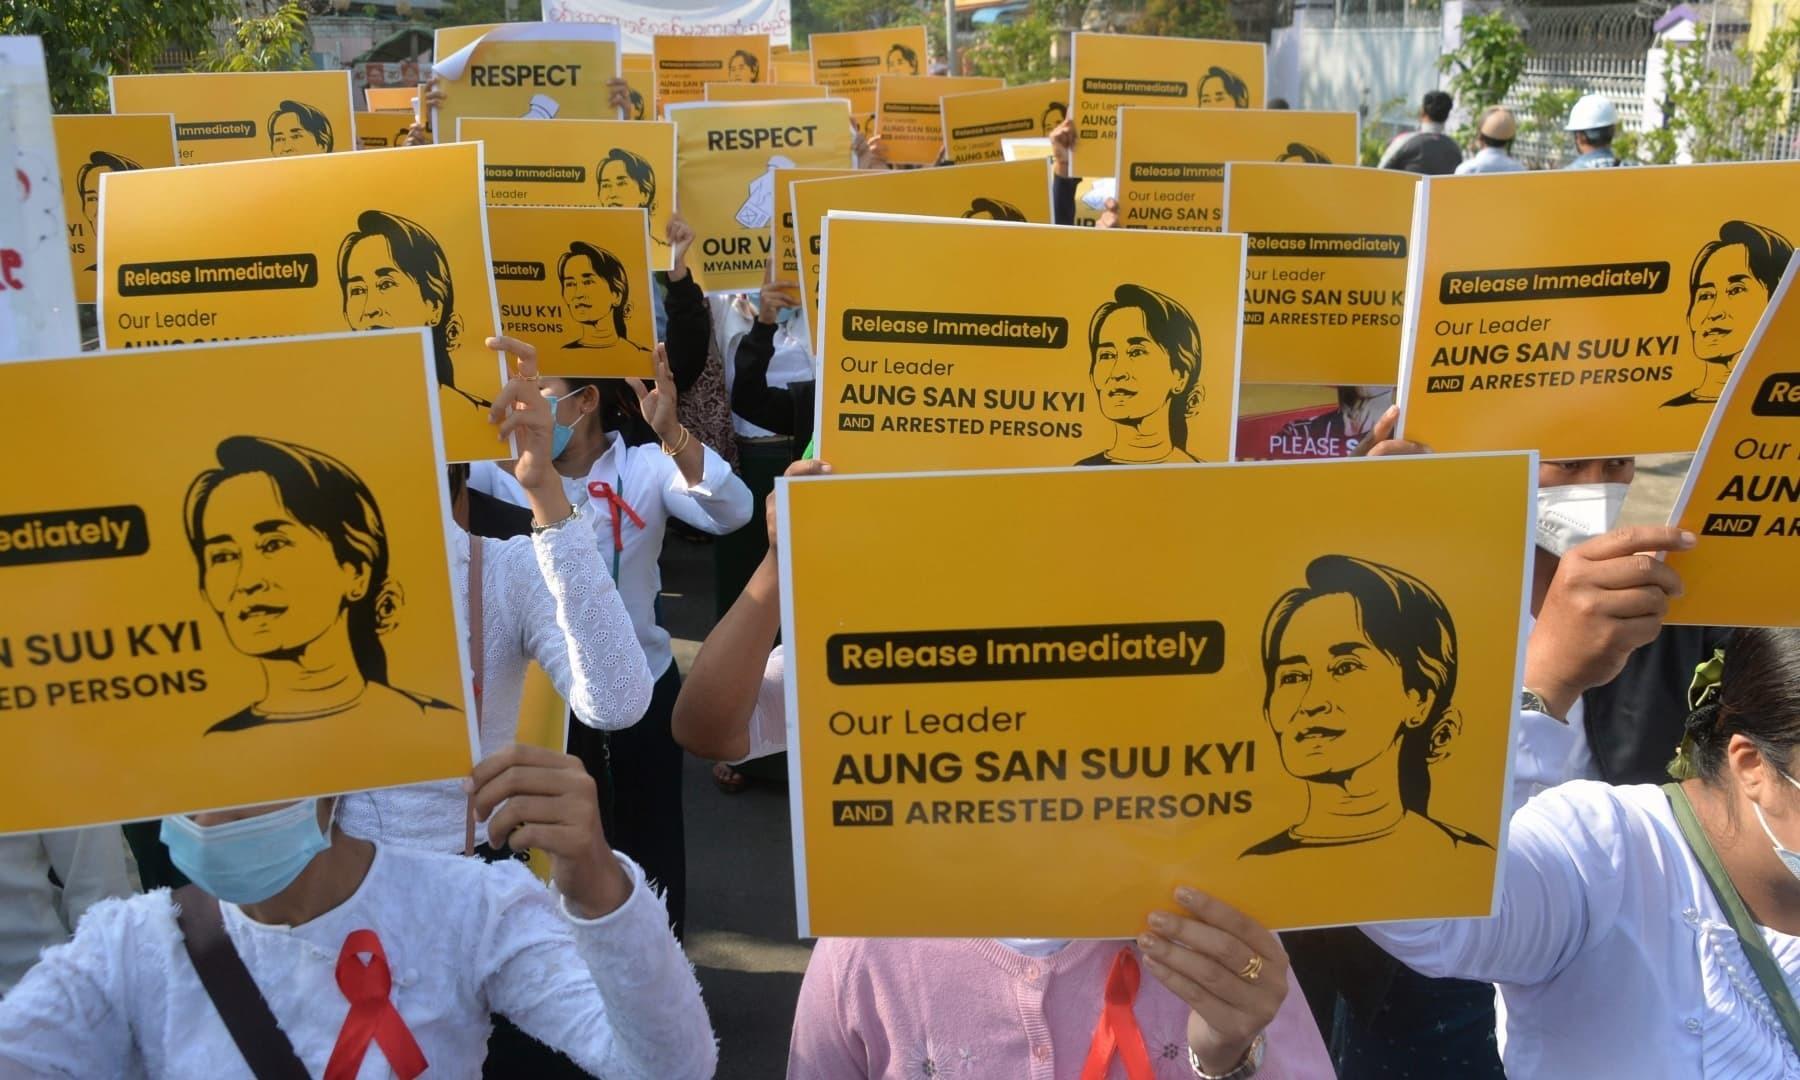 عوام آنگ سان سوچی کی رہائی اور حکومت چھوڑنے کا مطالبہ کر رہے ہیں—اے ایف پی